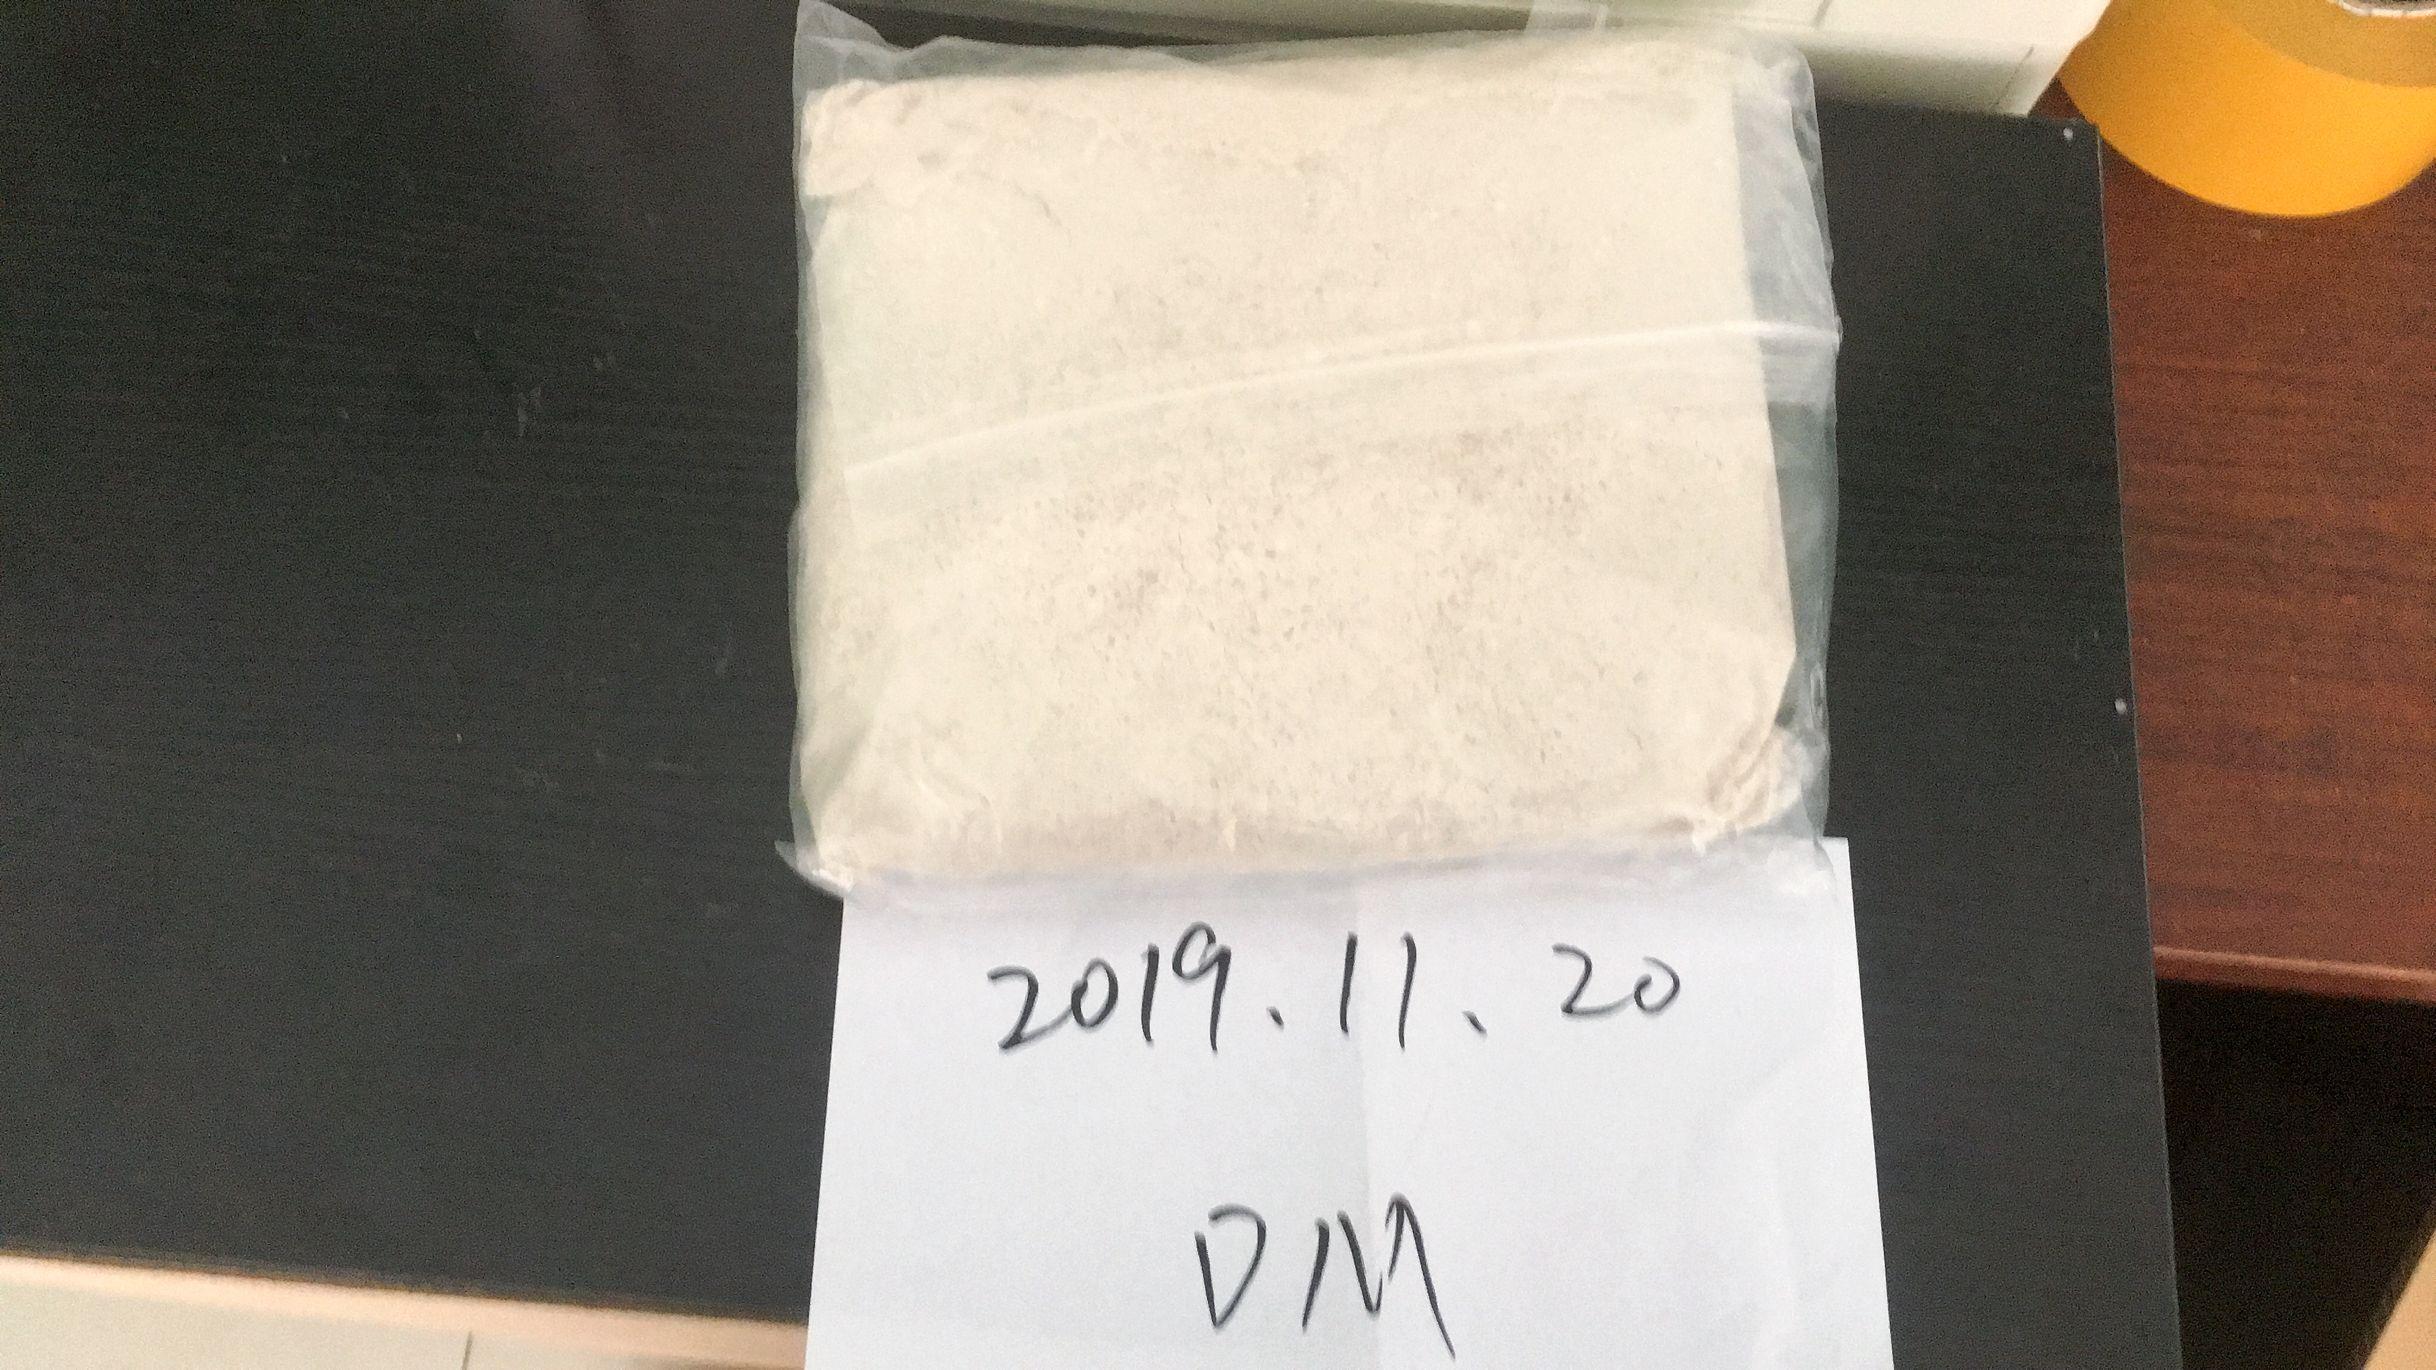 cannabinoids research 5f 4f-mdmb-pinaca 4f-adb 4f 5f yellow powder chemicals seller sales02